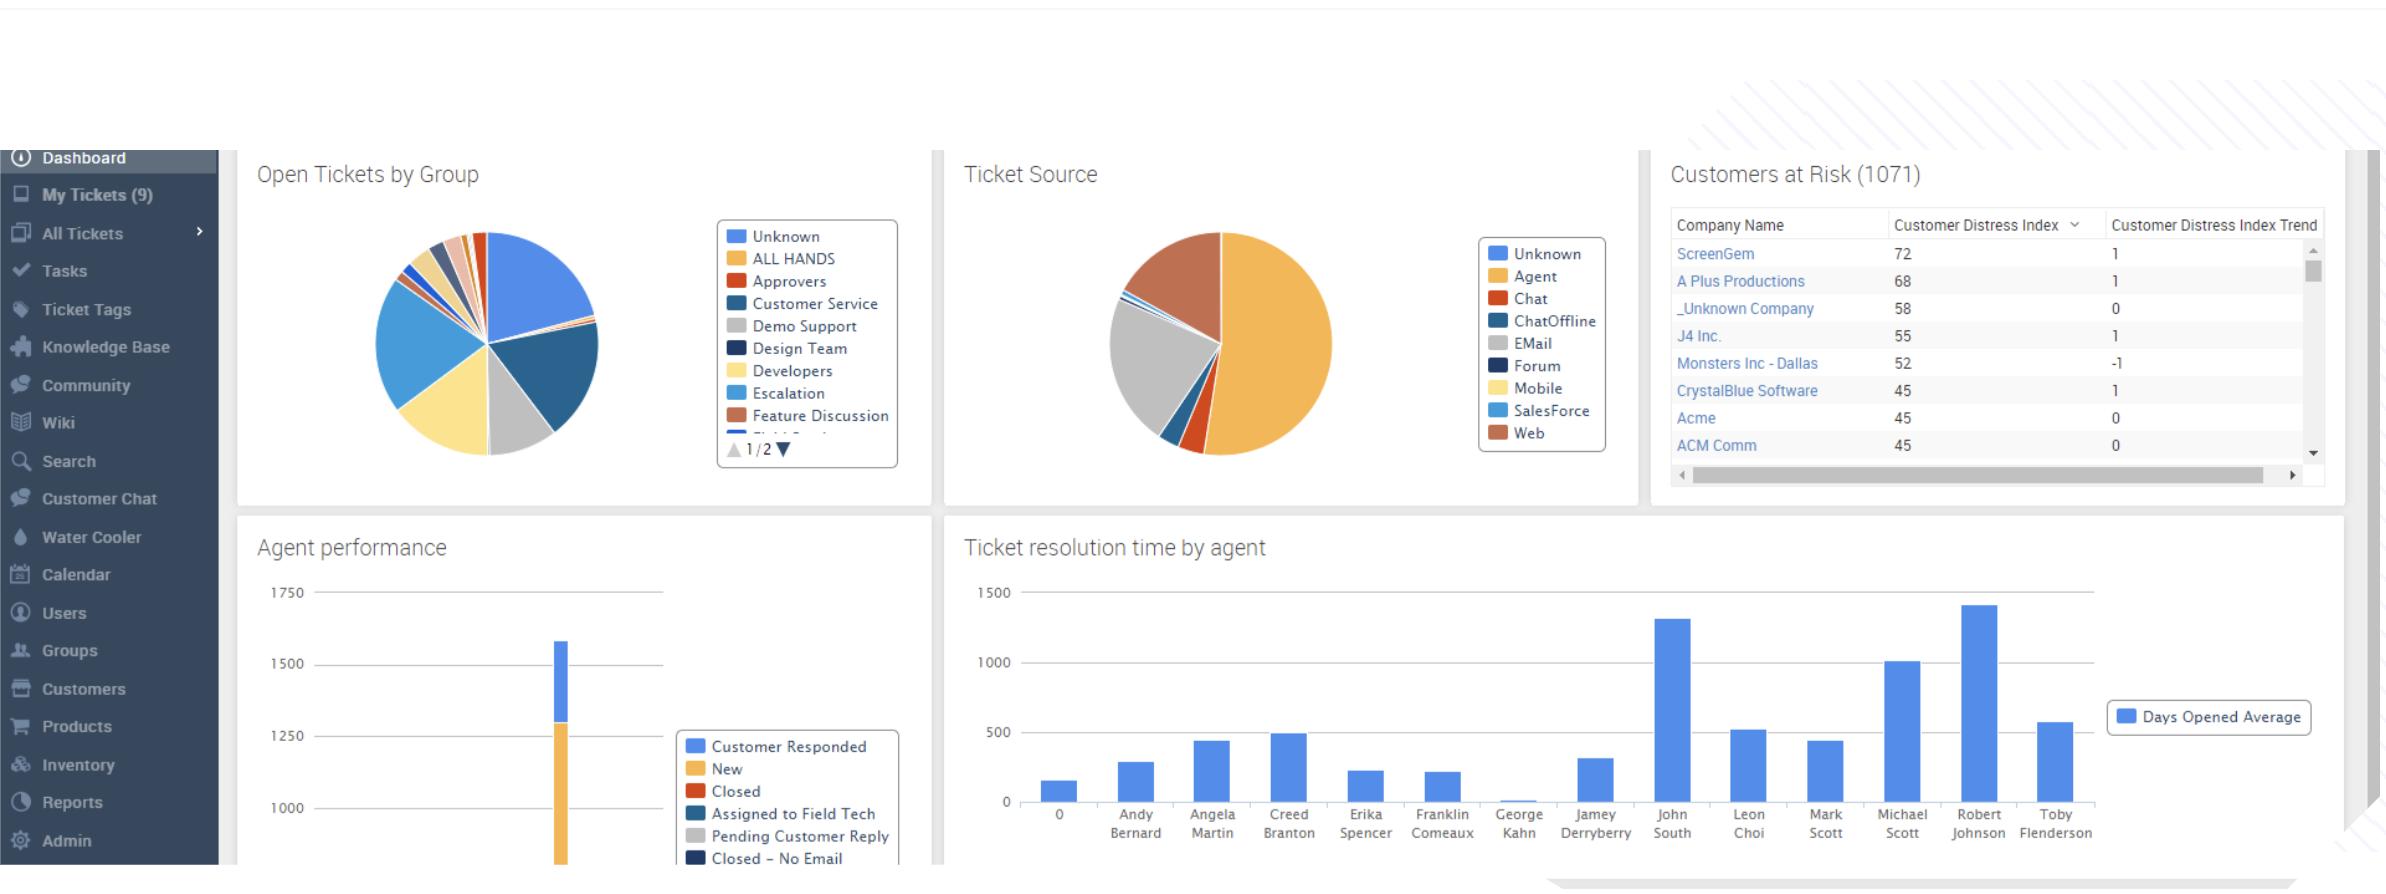 6.29.20_week of blog_CDI_Screen Shot 2020-06-28 at 2.27.35 PM